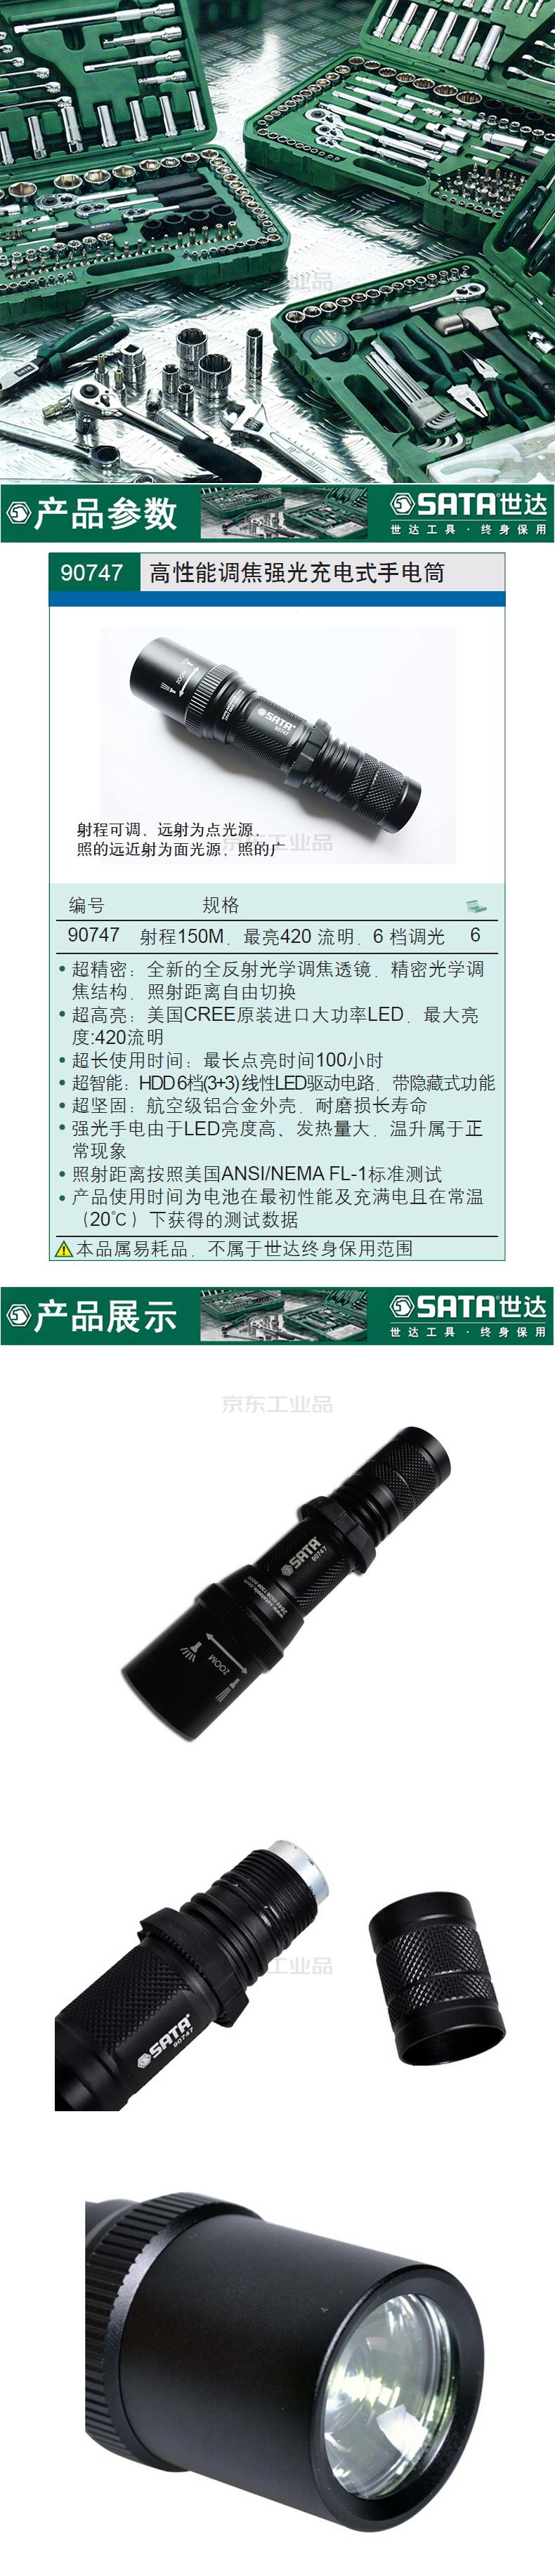 世达 高性能调焦强光充电式手电筒;90747